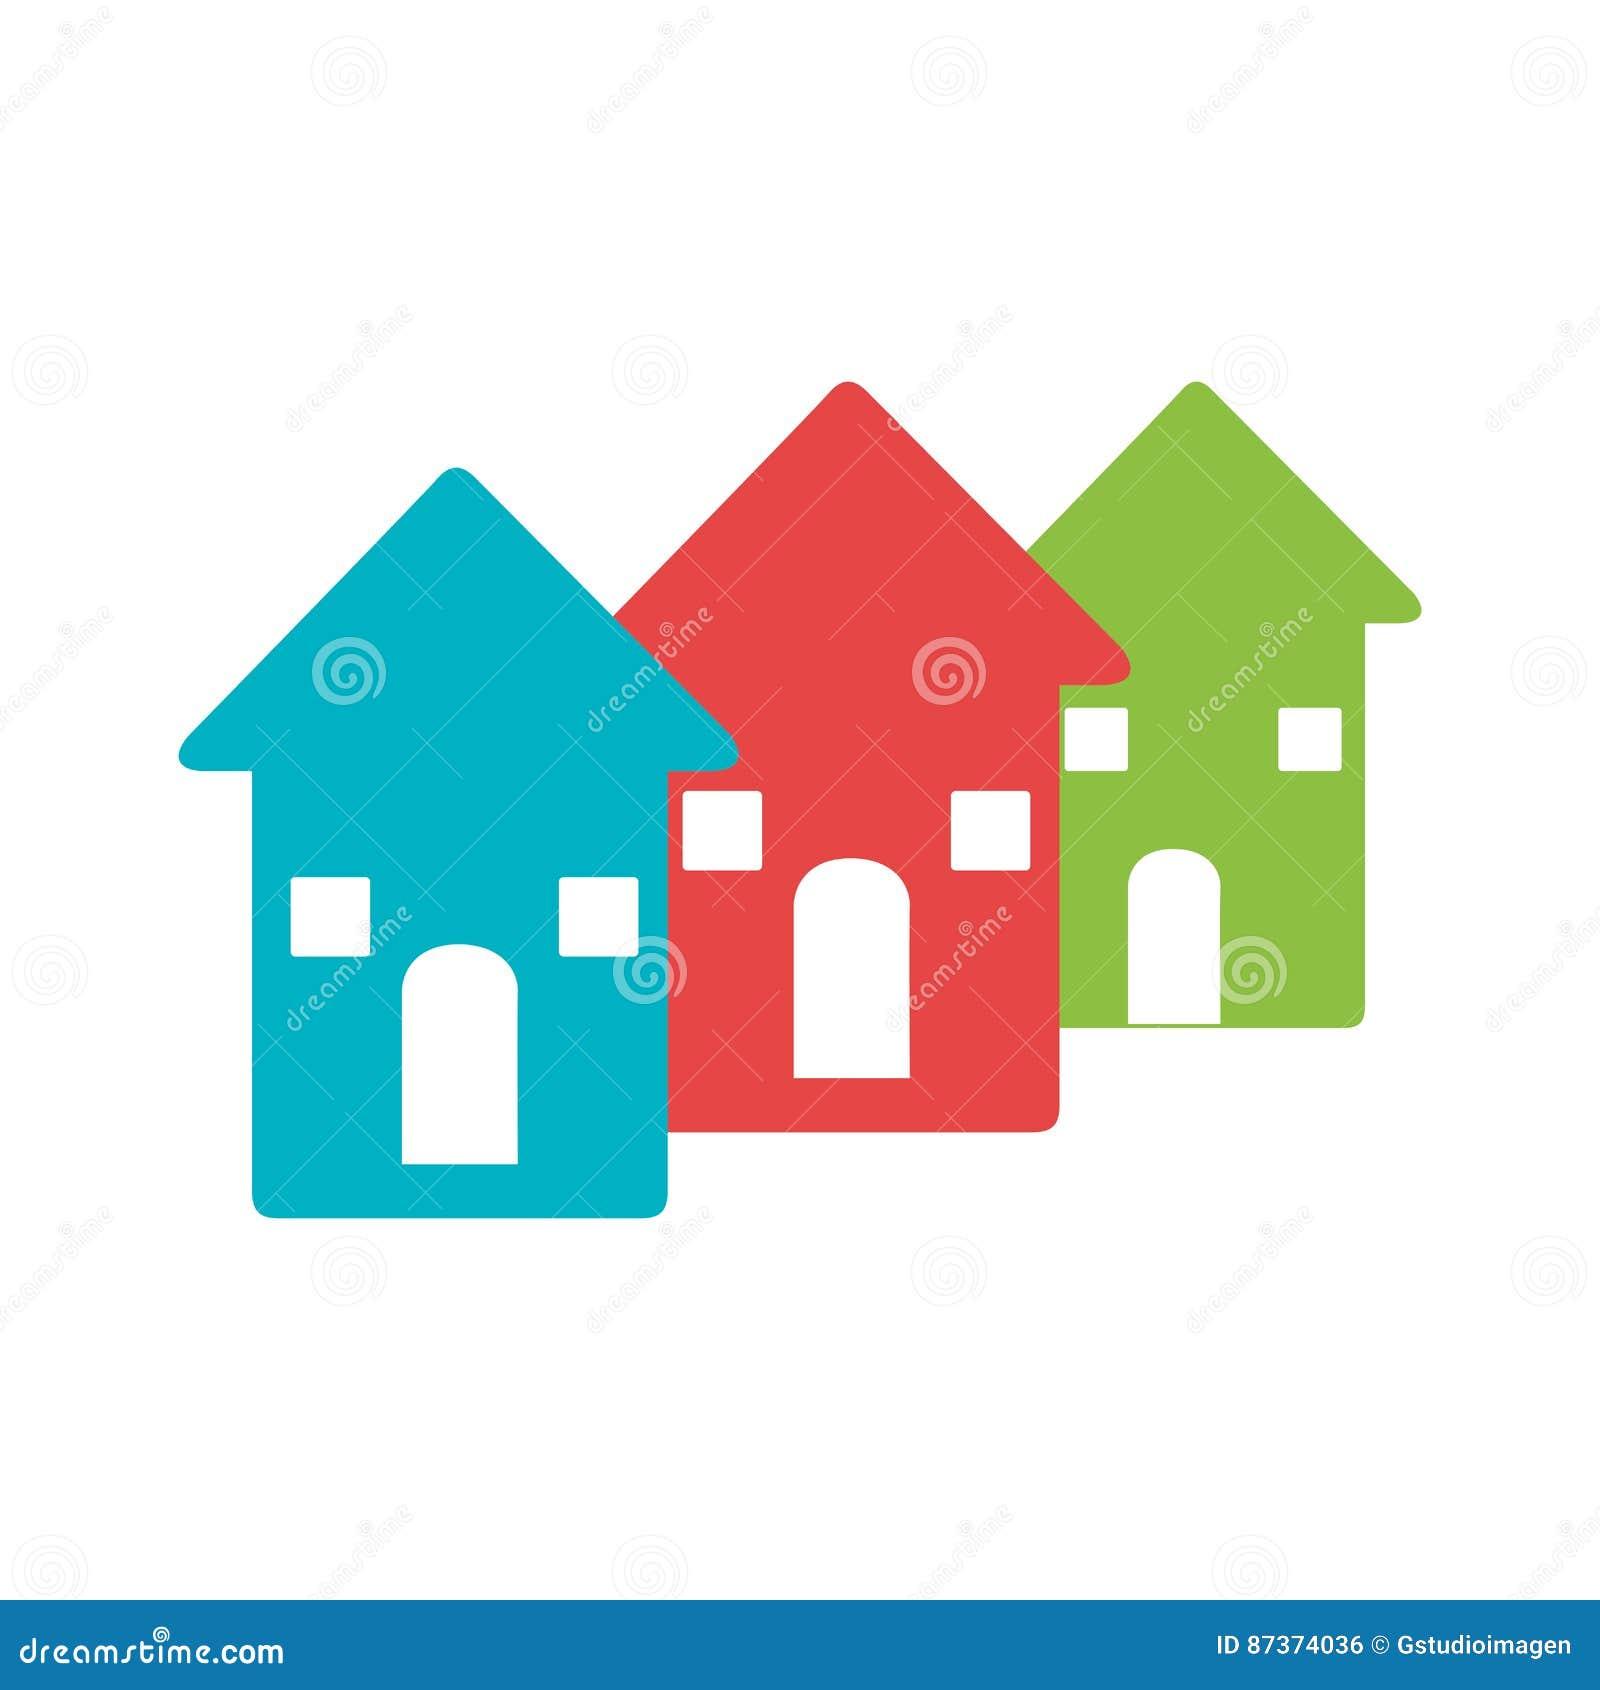 Farbpiktogramm Mit Satz Häusern Vektor Abbildung - Illustration von ...